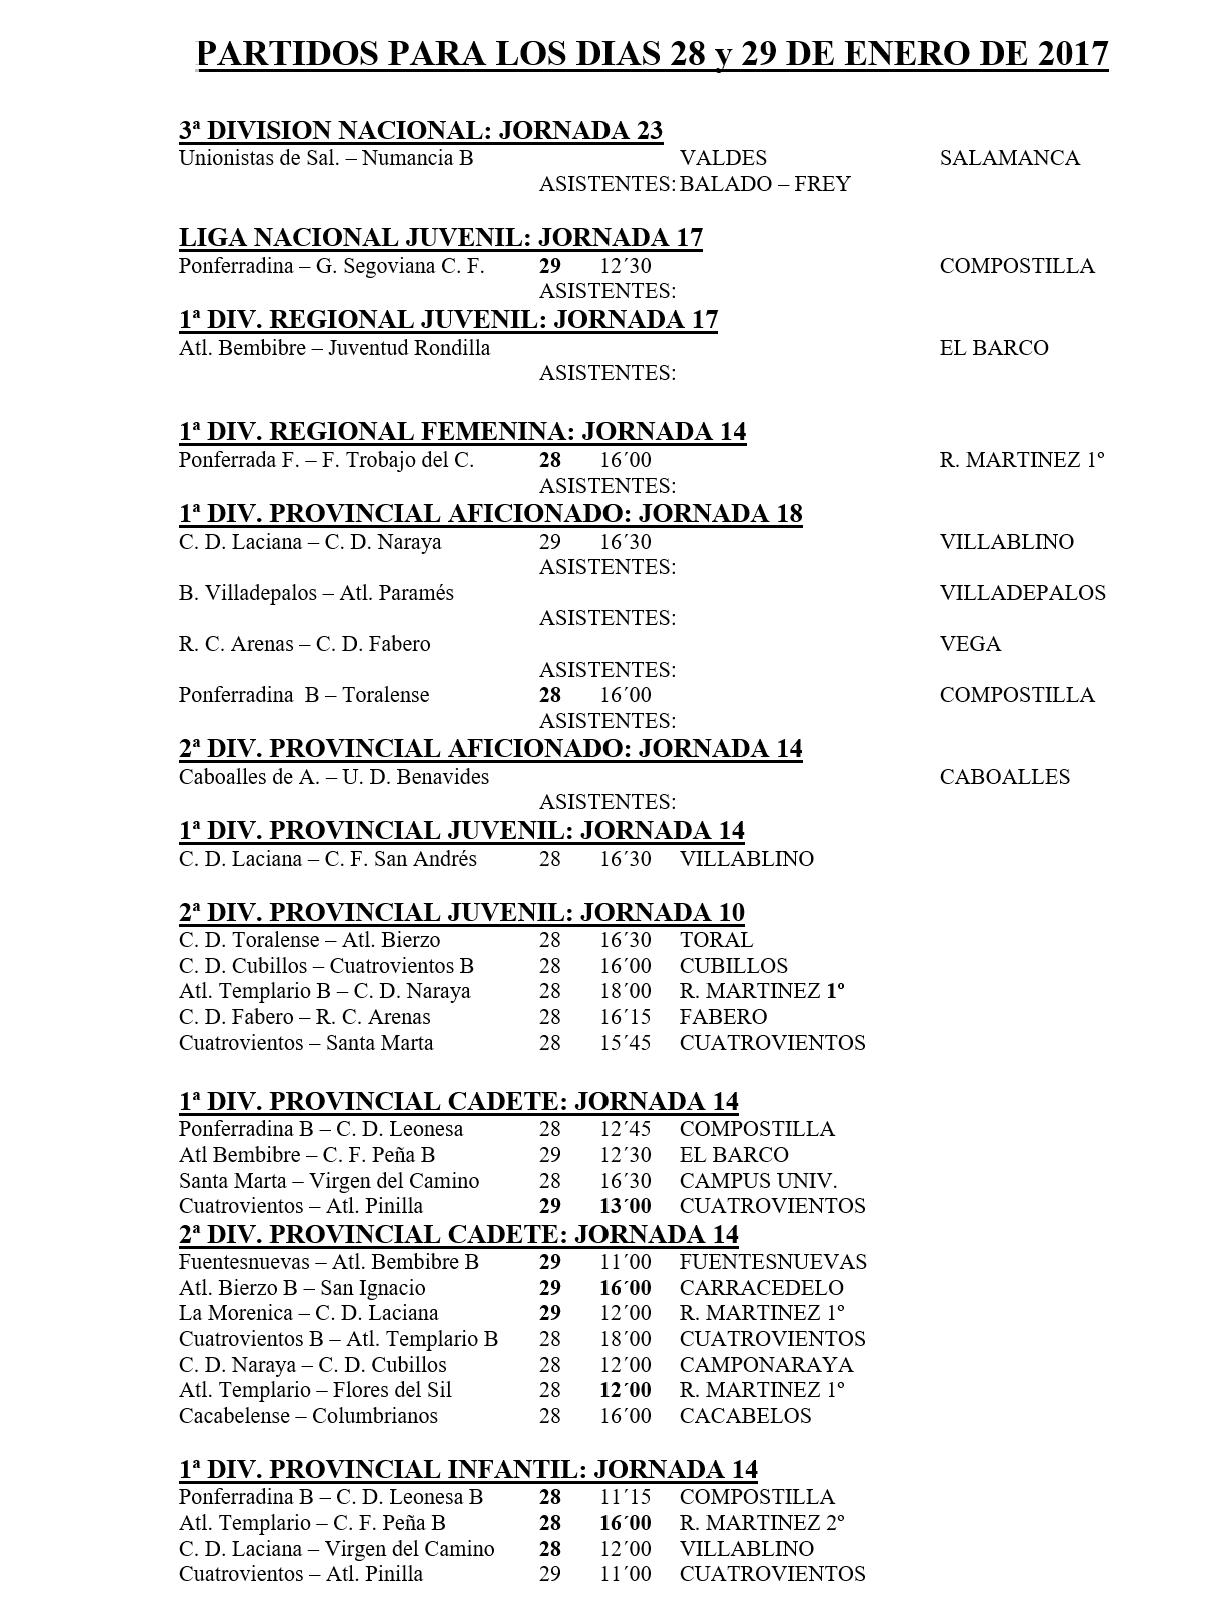 Fútbol base. Partidos 28 y 29 enero 2017 4